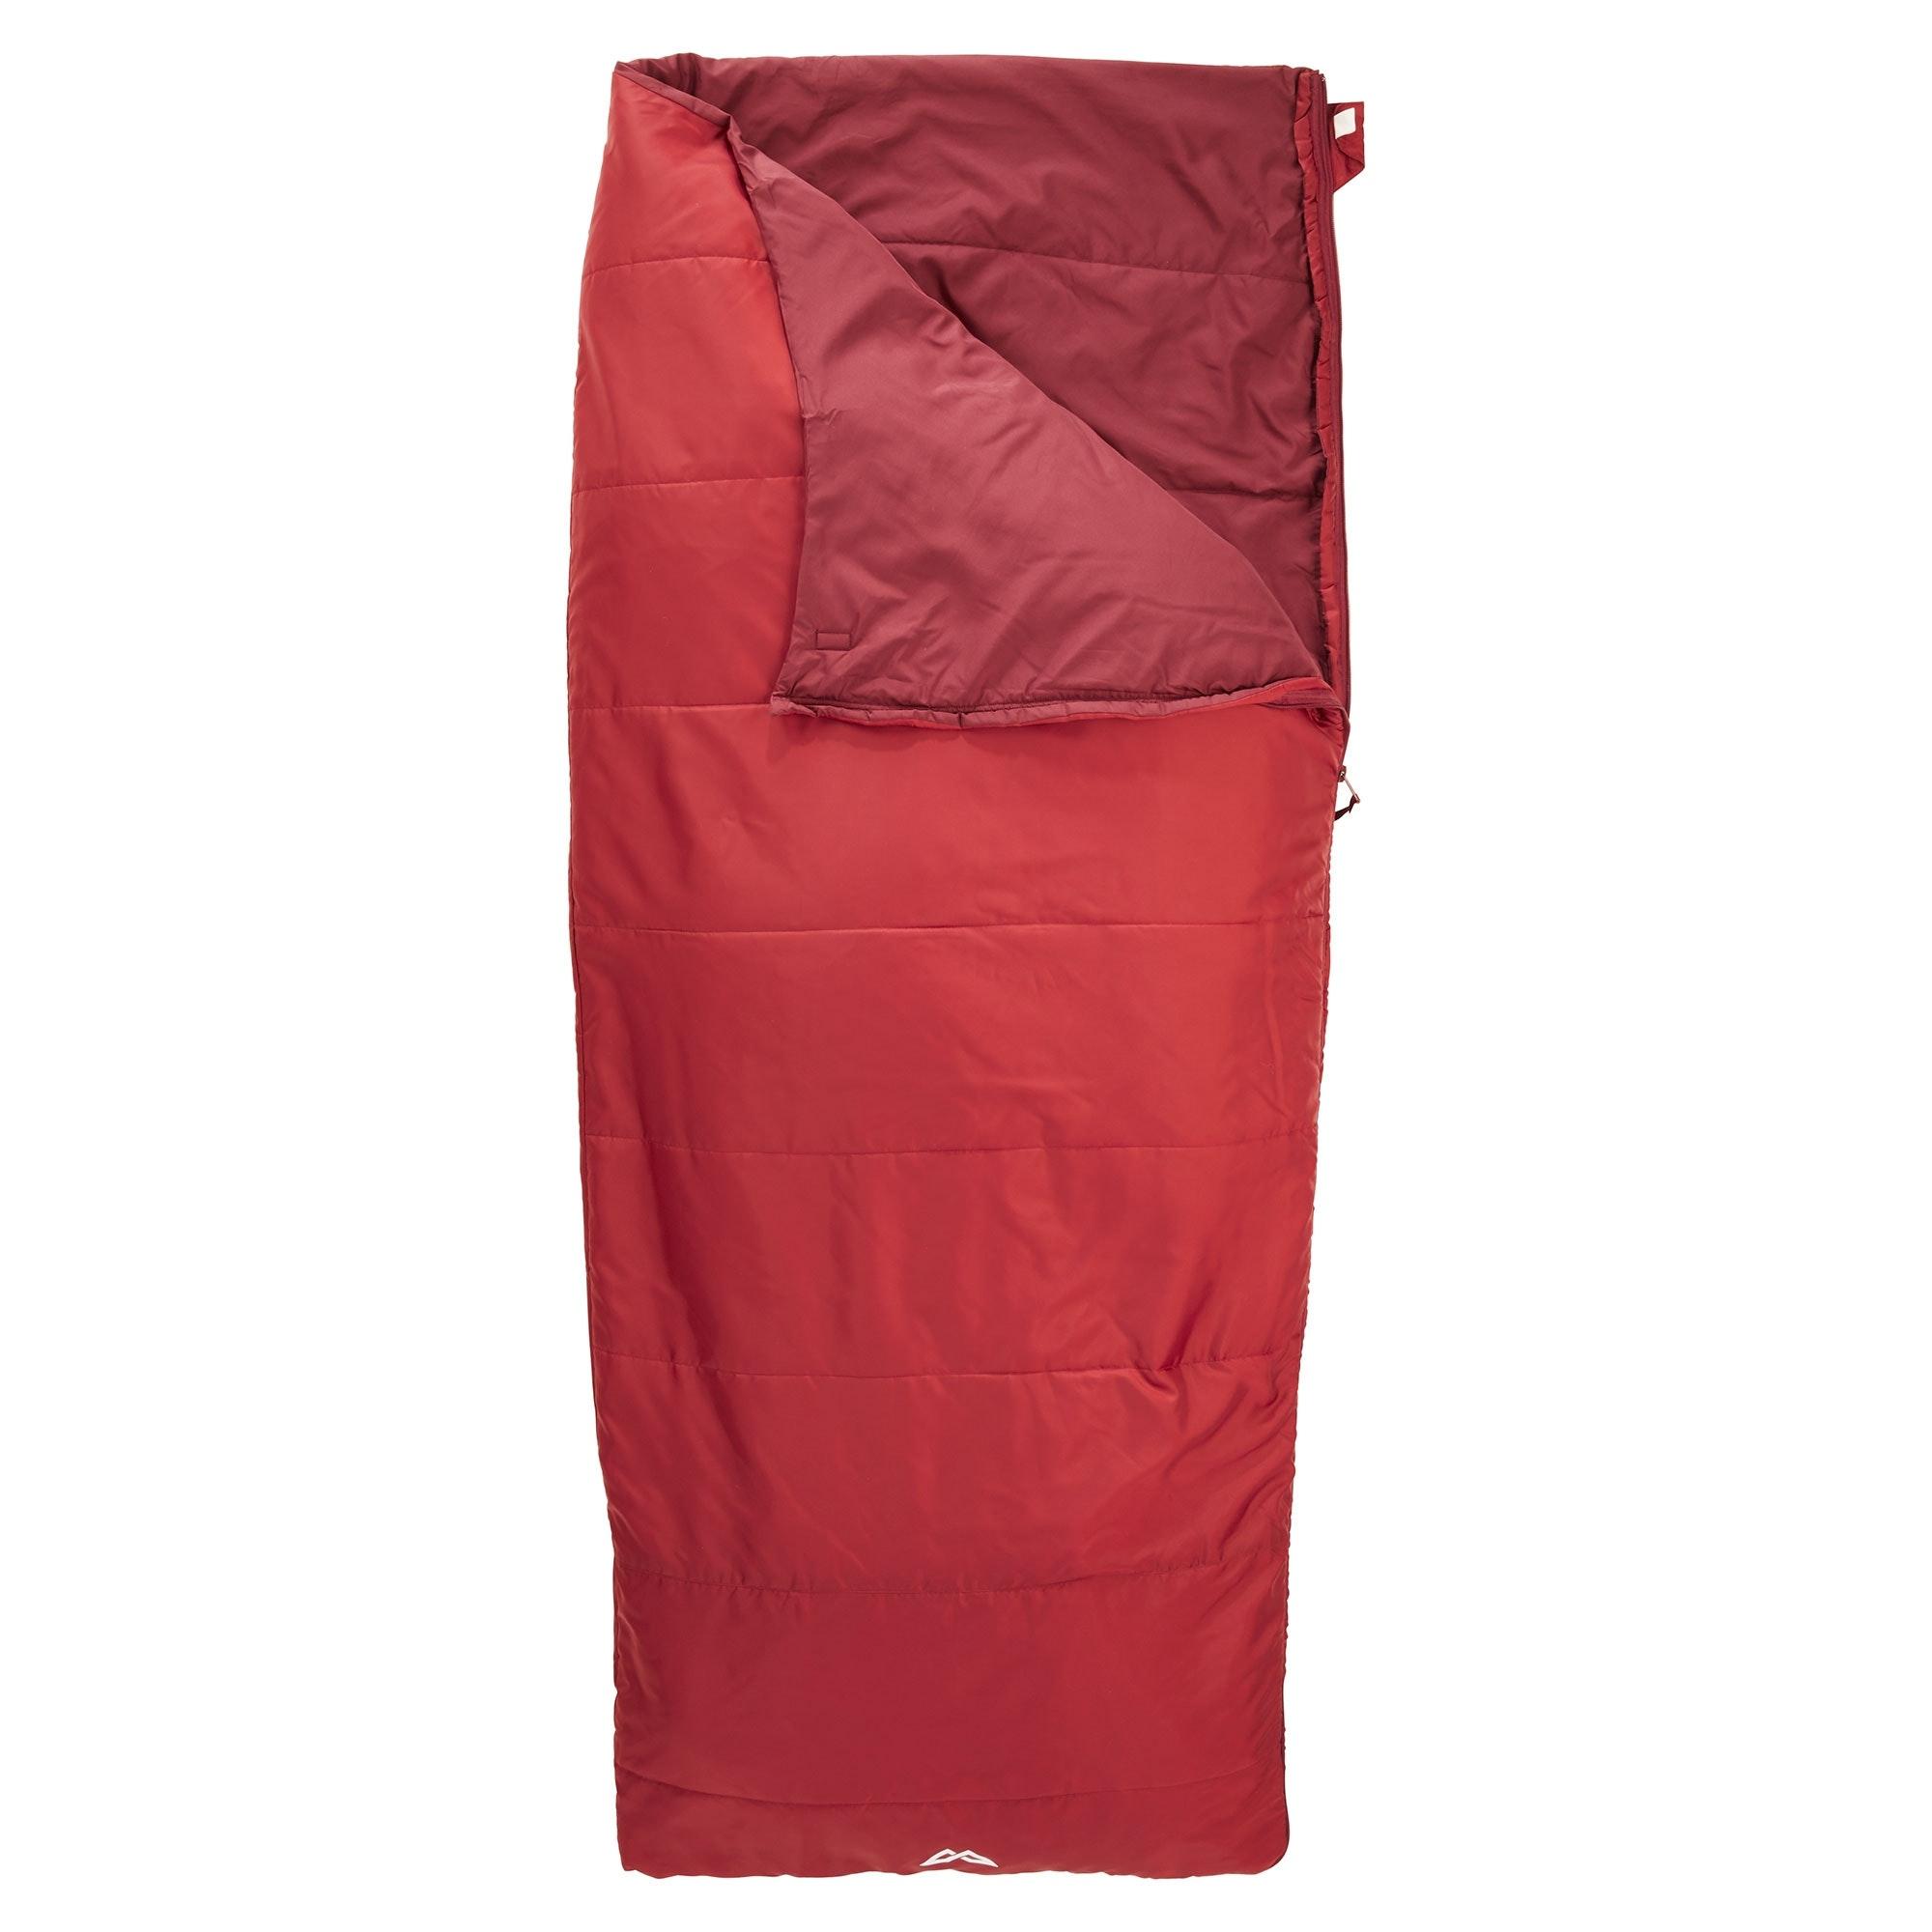 Delta Lightweight Rectangular Summer Sleeping Bag